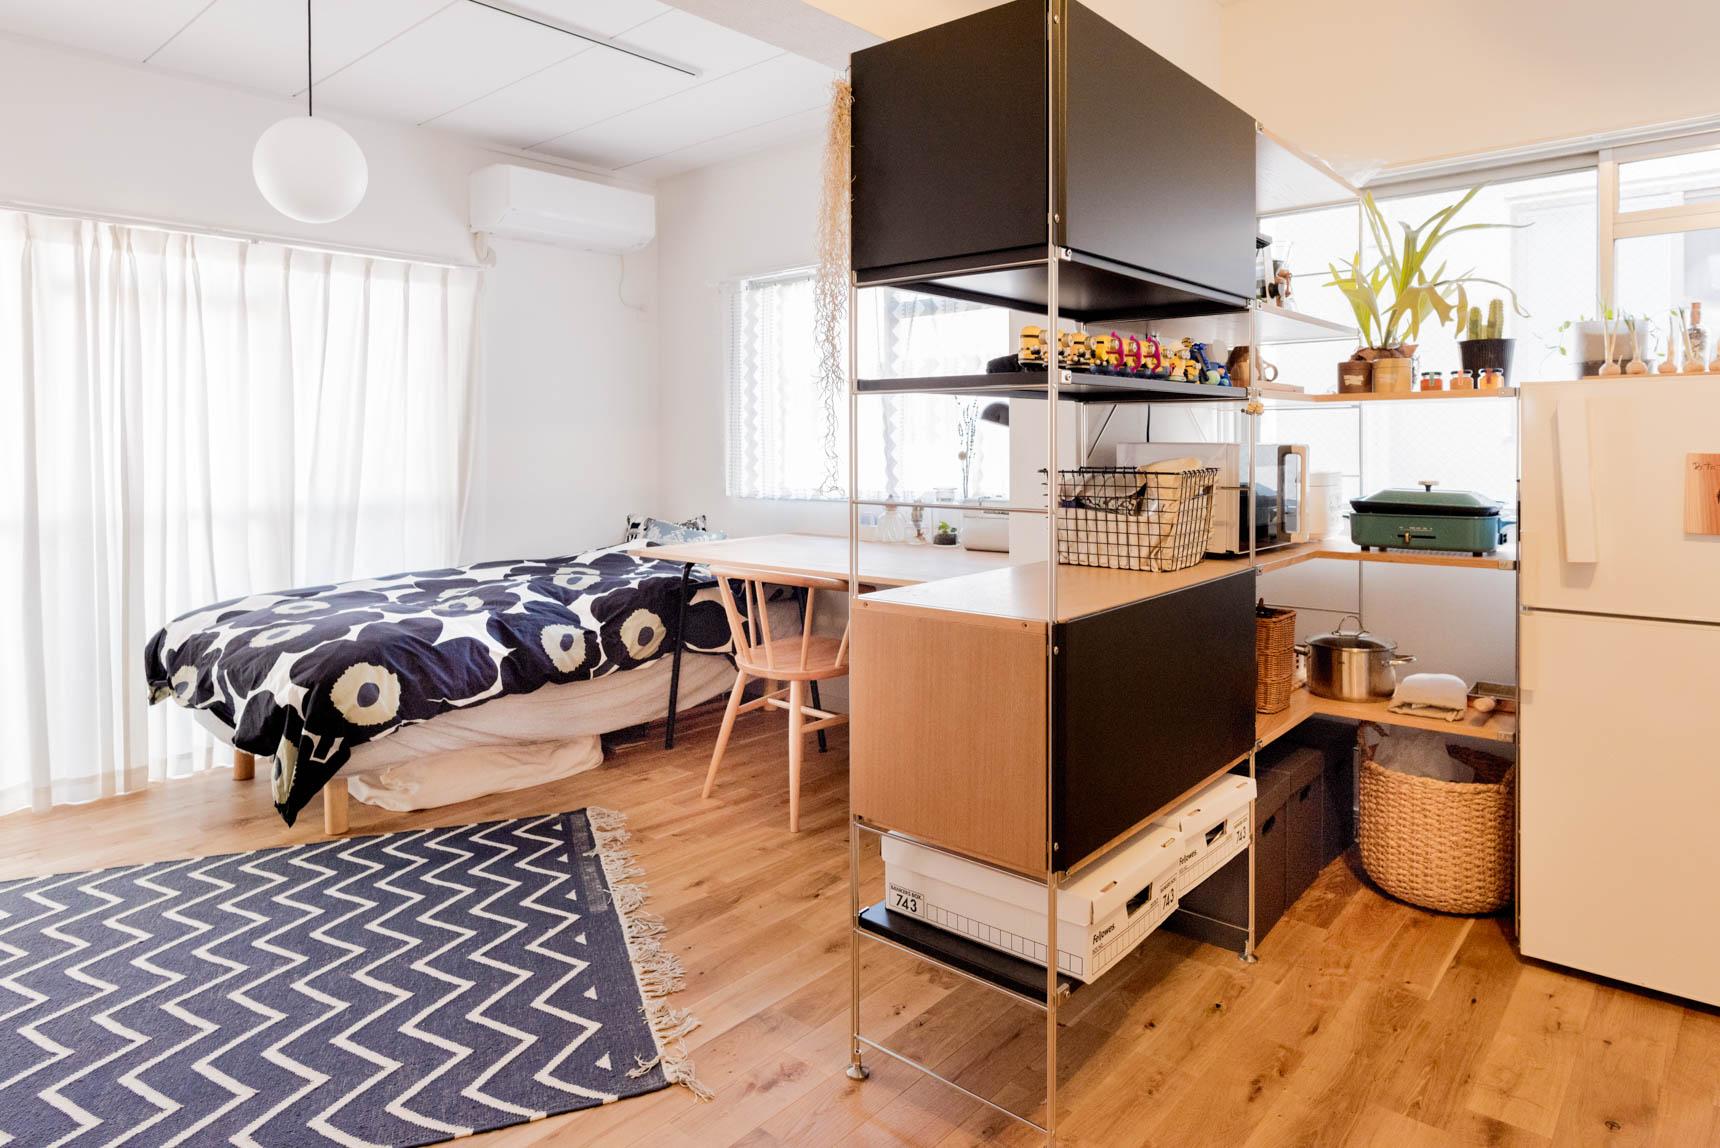 棚とラグによって、キッチンと居室がしっかり仕切られています。扉などの圧迫感がない分、開放的に暮らせそう。こうした事例を見ると「ワンルームもありかも?」と賃貸物件選びの幅も広がりますよね。